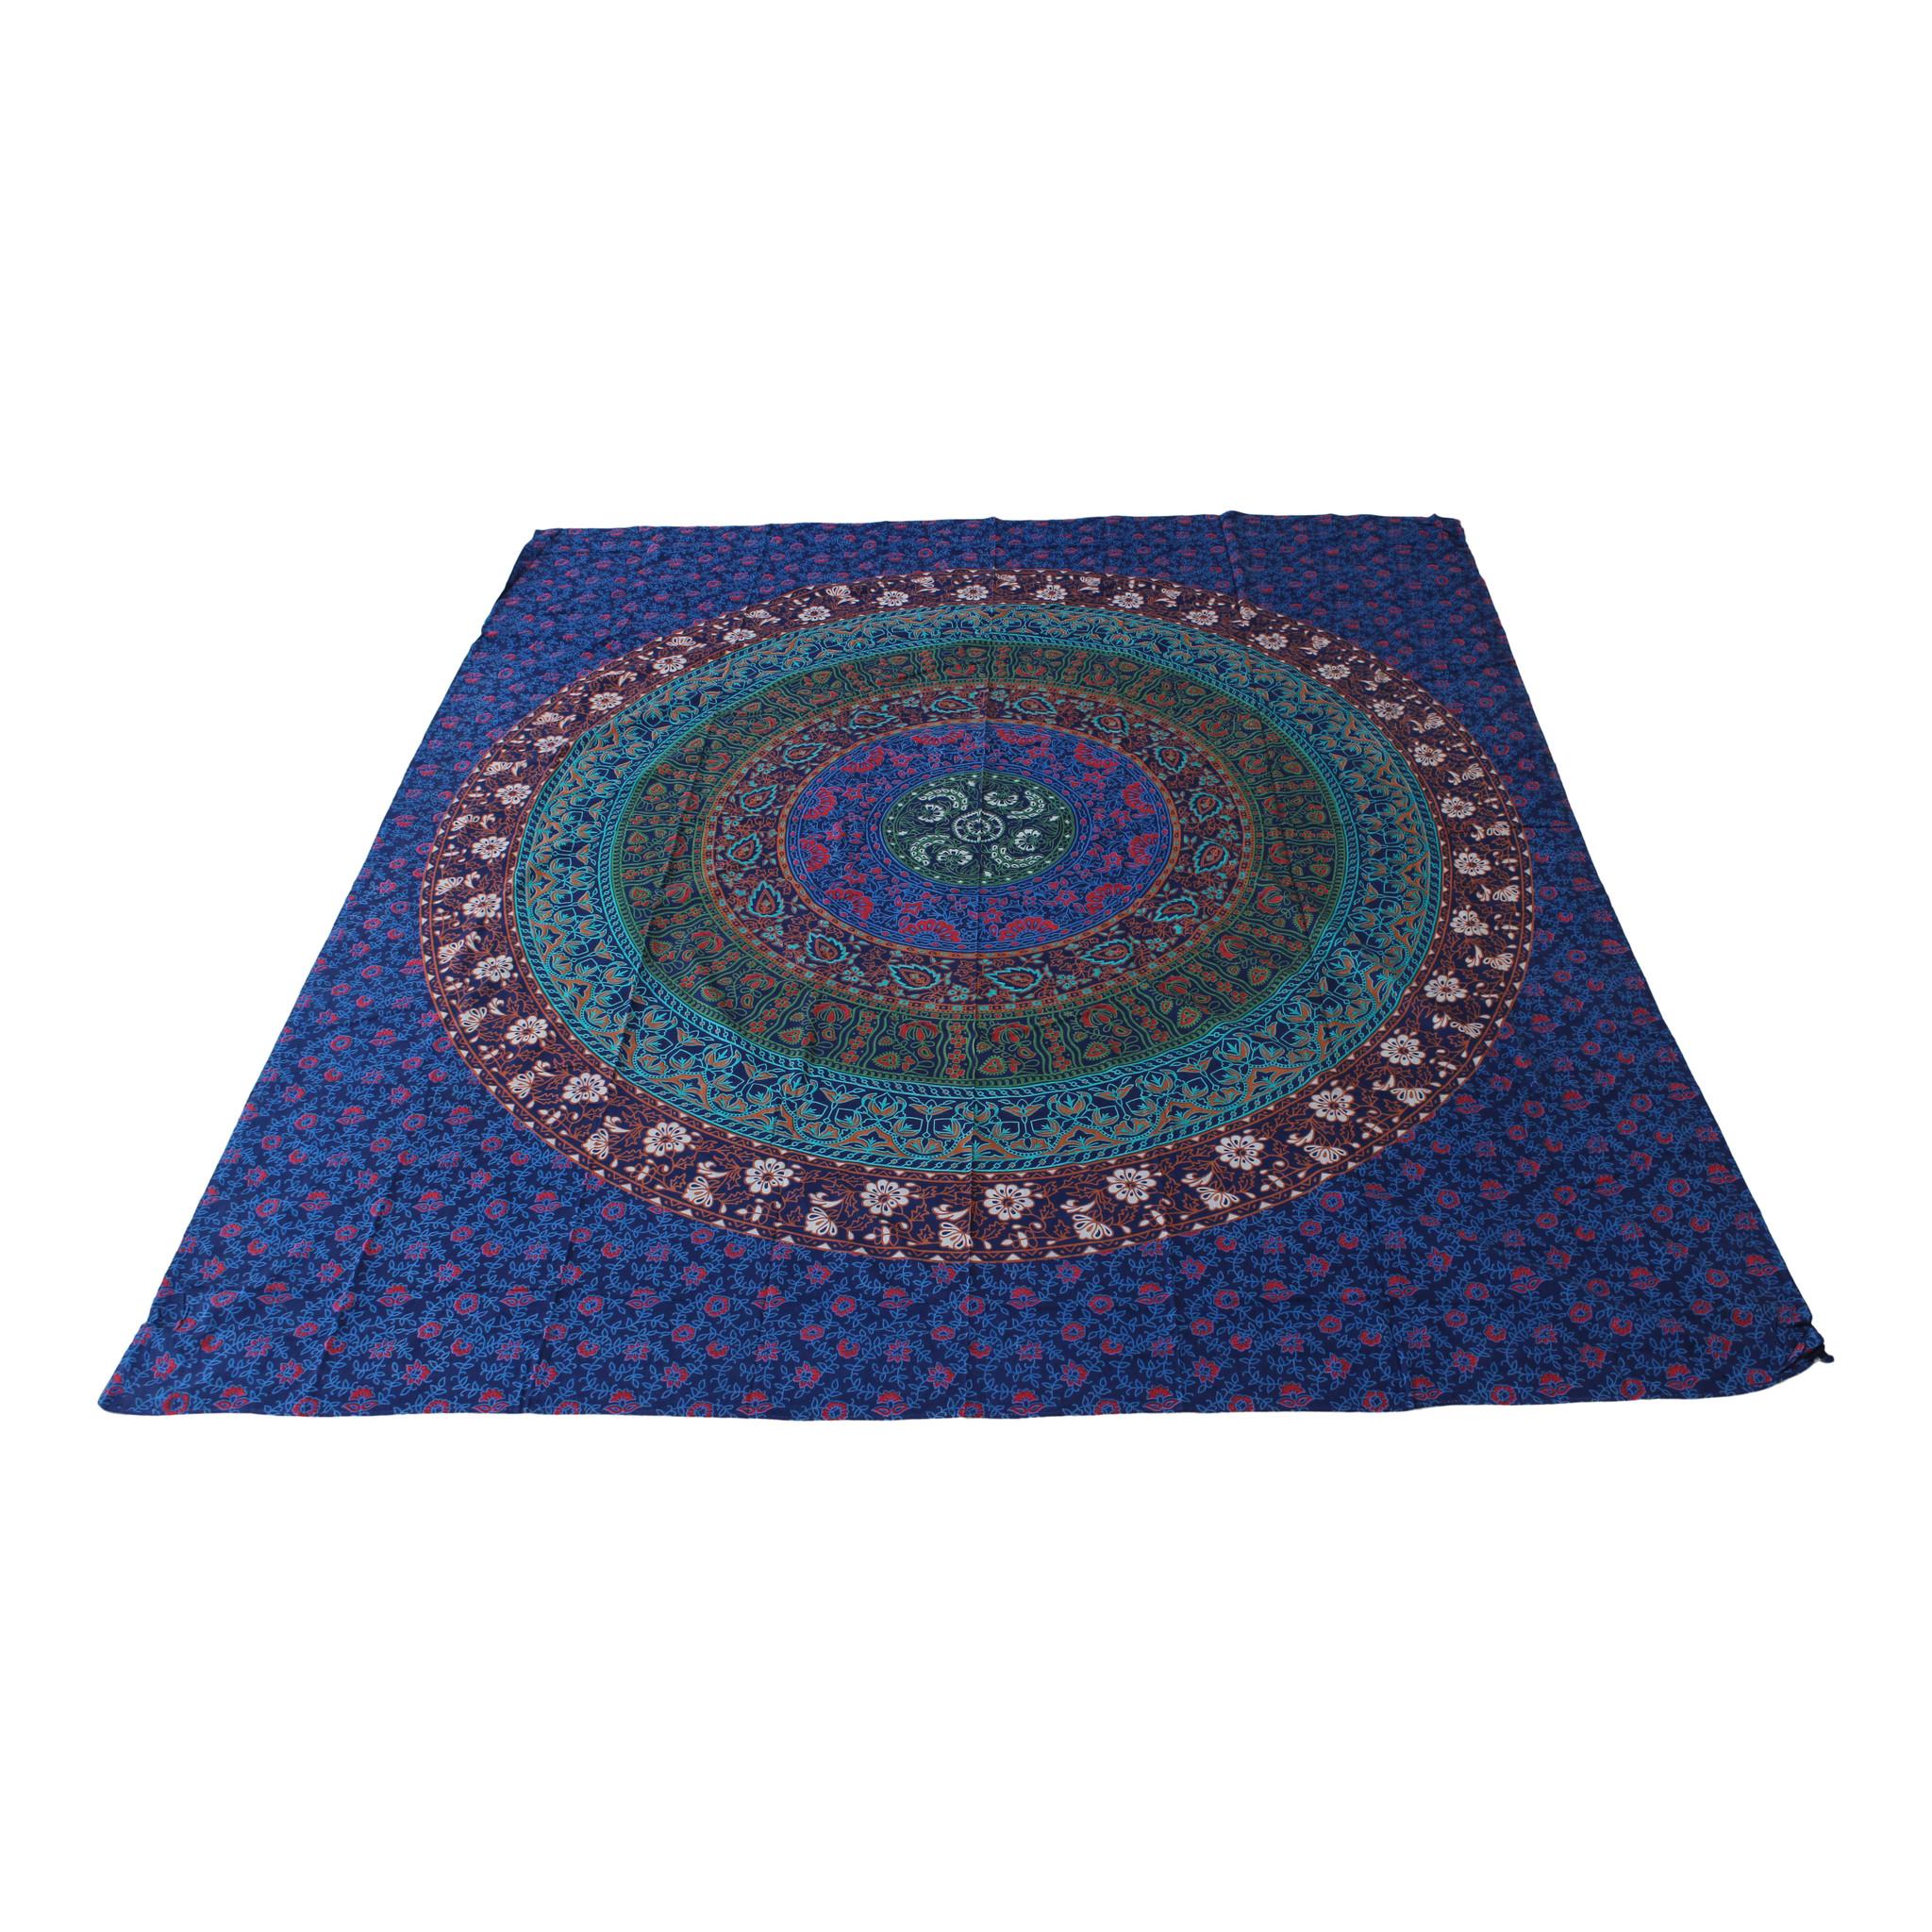 Myroundie Myroundie - roundie - vierkant strandlaken XL – yoga kleed- speelkleed - picknickkleed -100% katoen – Q60